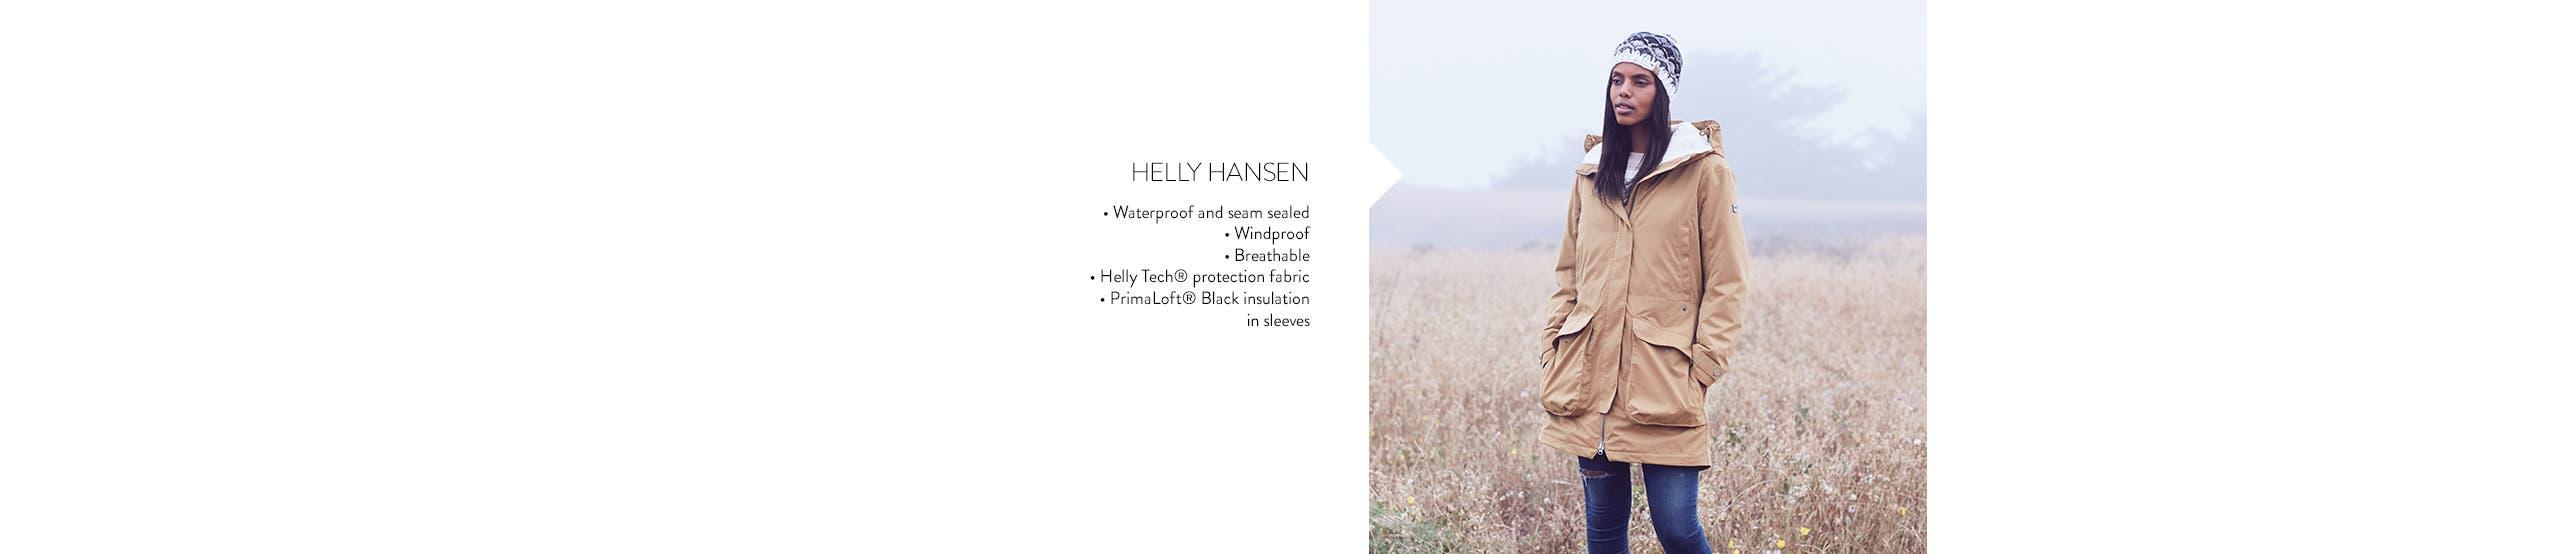 Helly Hansen.